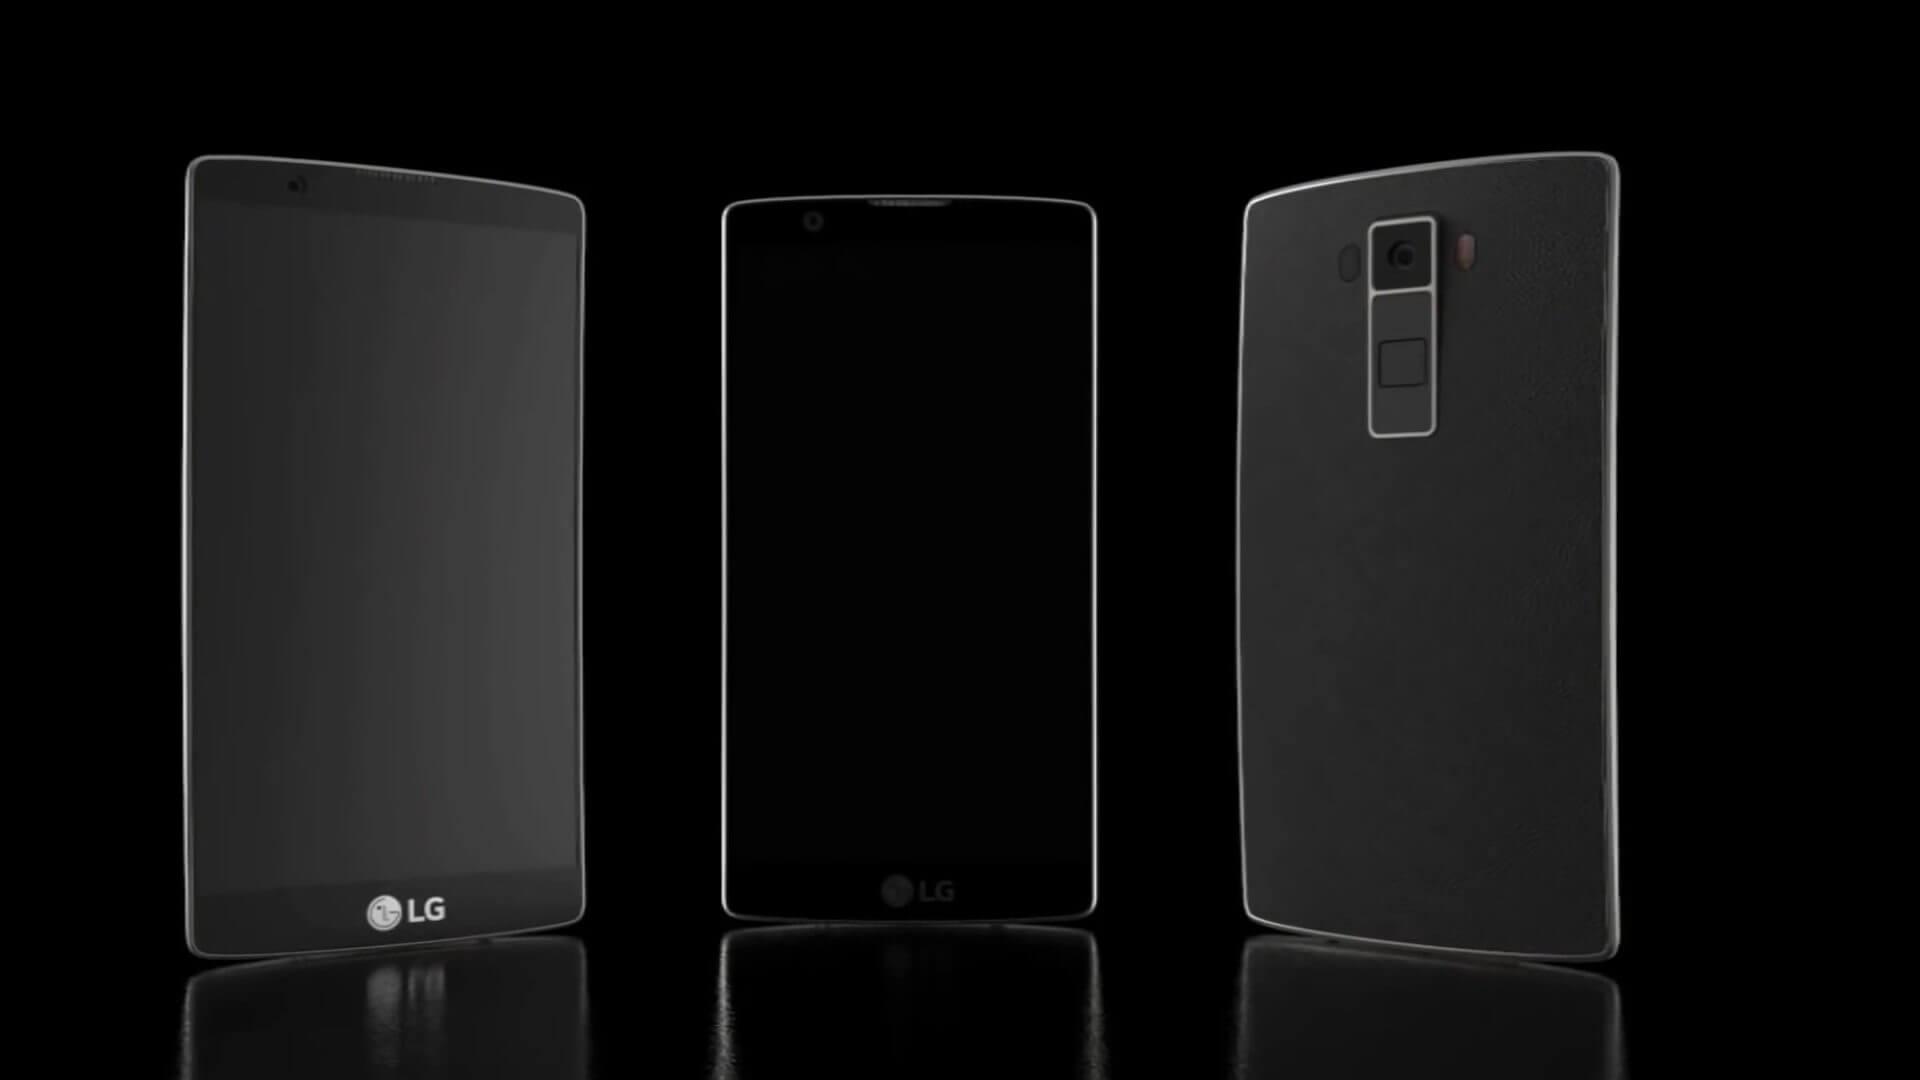 Lançamento do LG G5 é confirmado para dia 21 de fevereiro